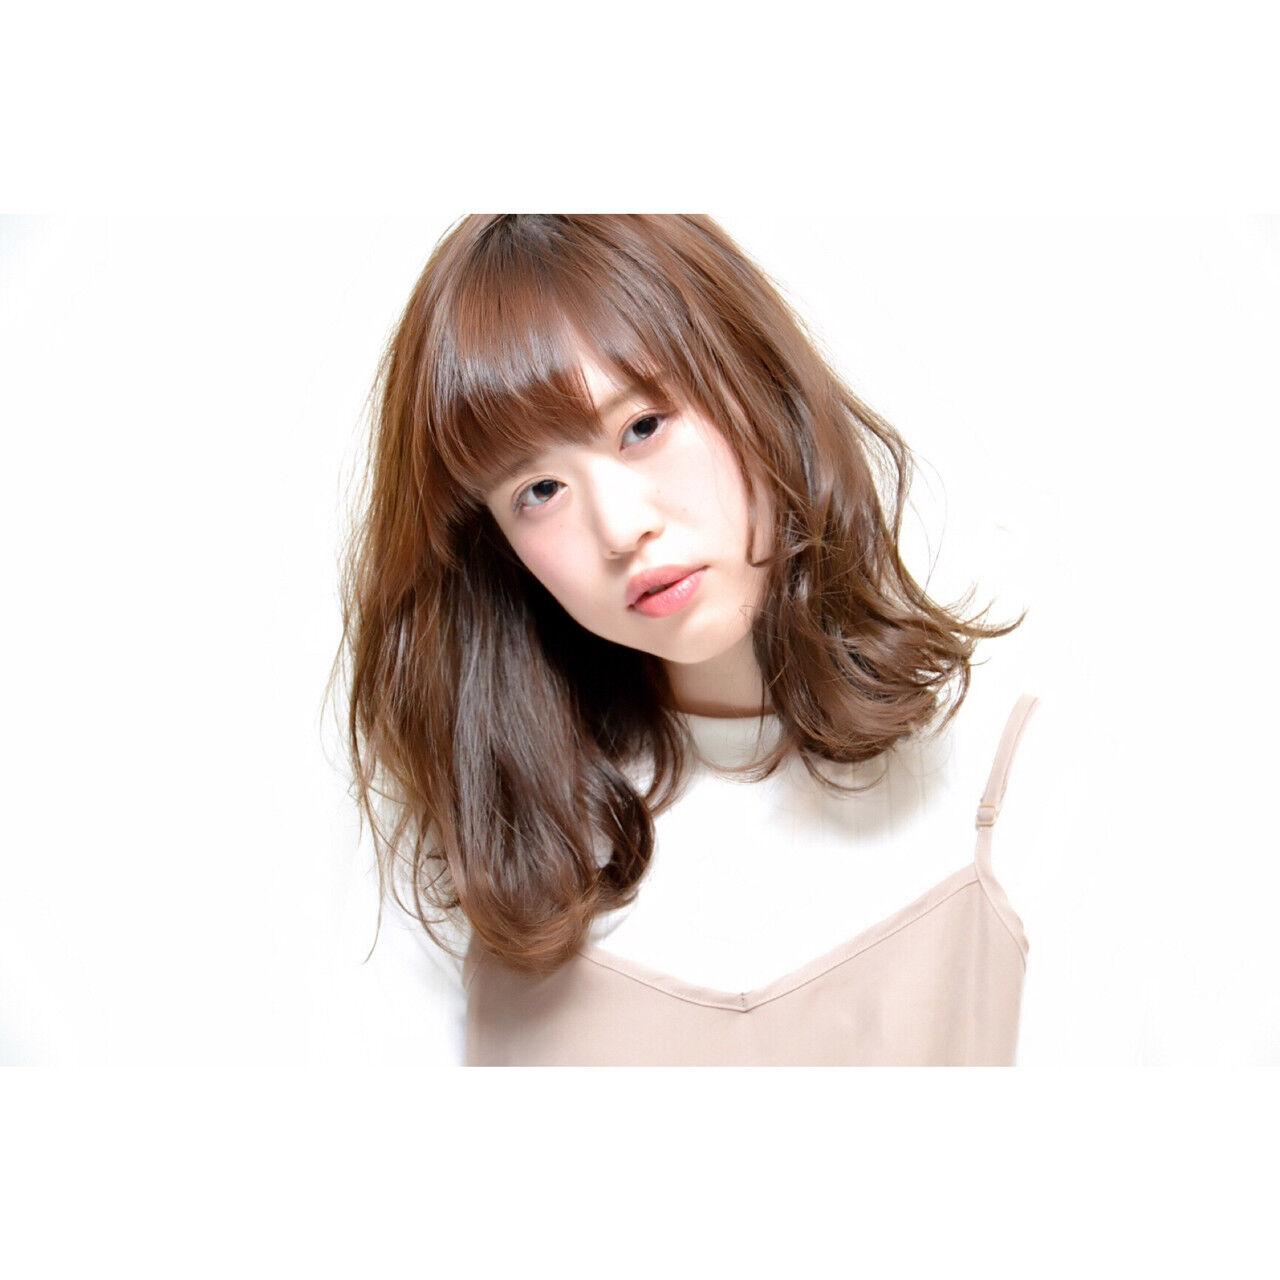 ブルージュ グラデーションカラー ハイライト ミディアムヘアスタイルや髪型の写真・画像